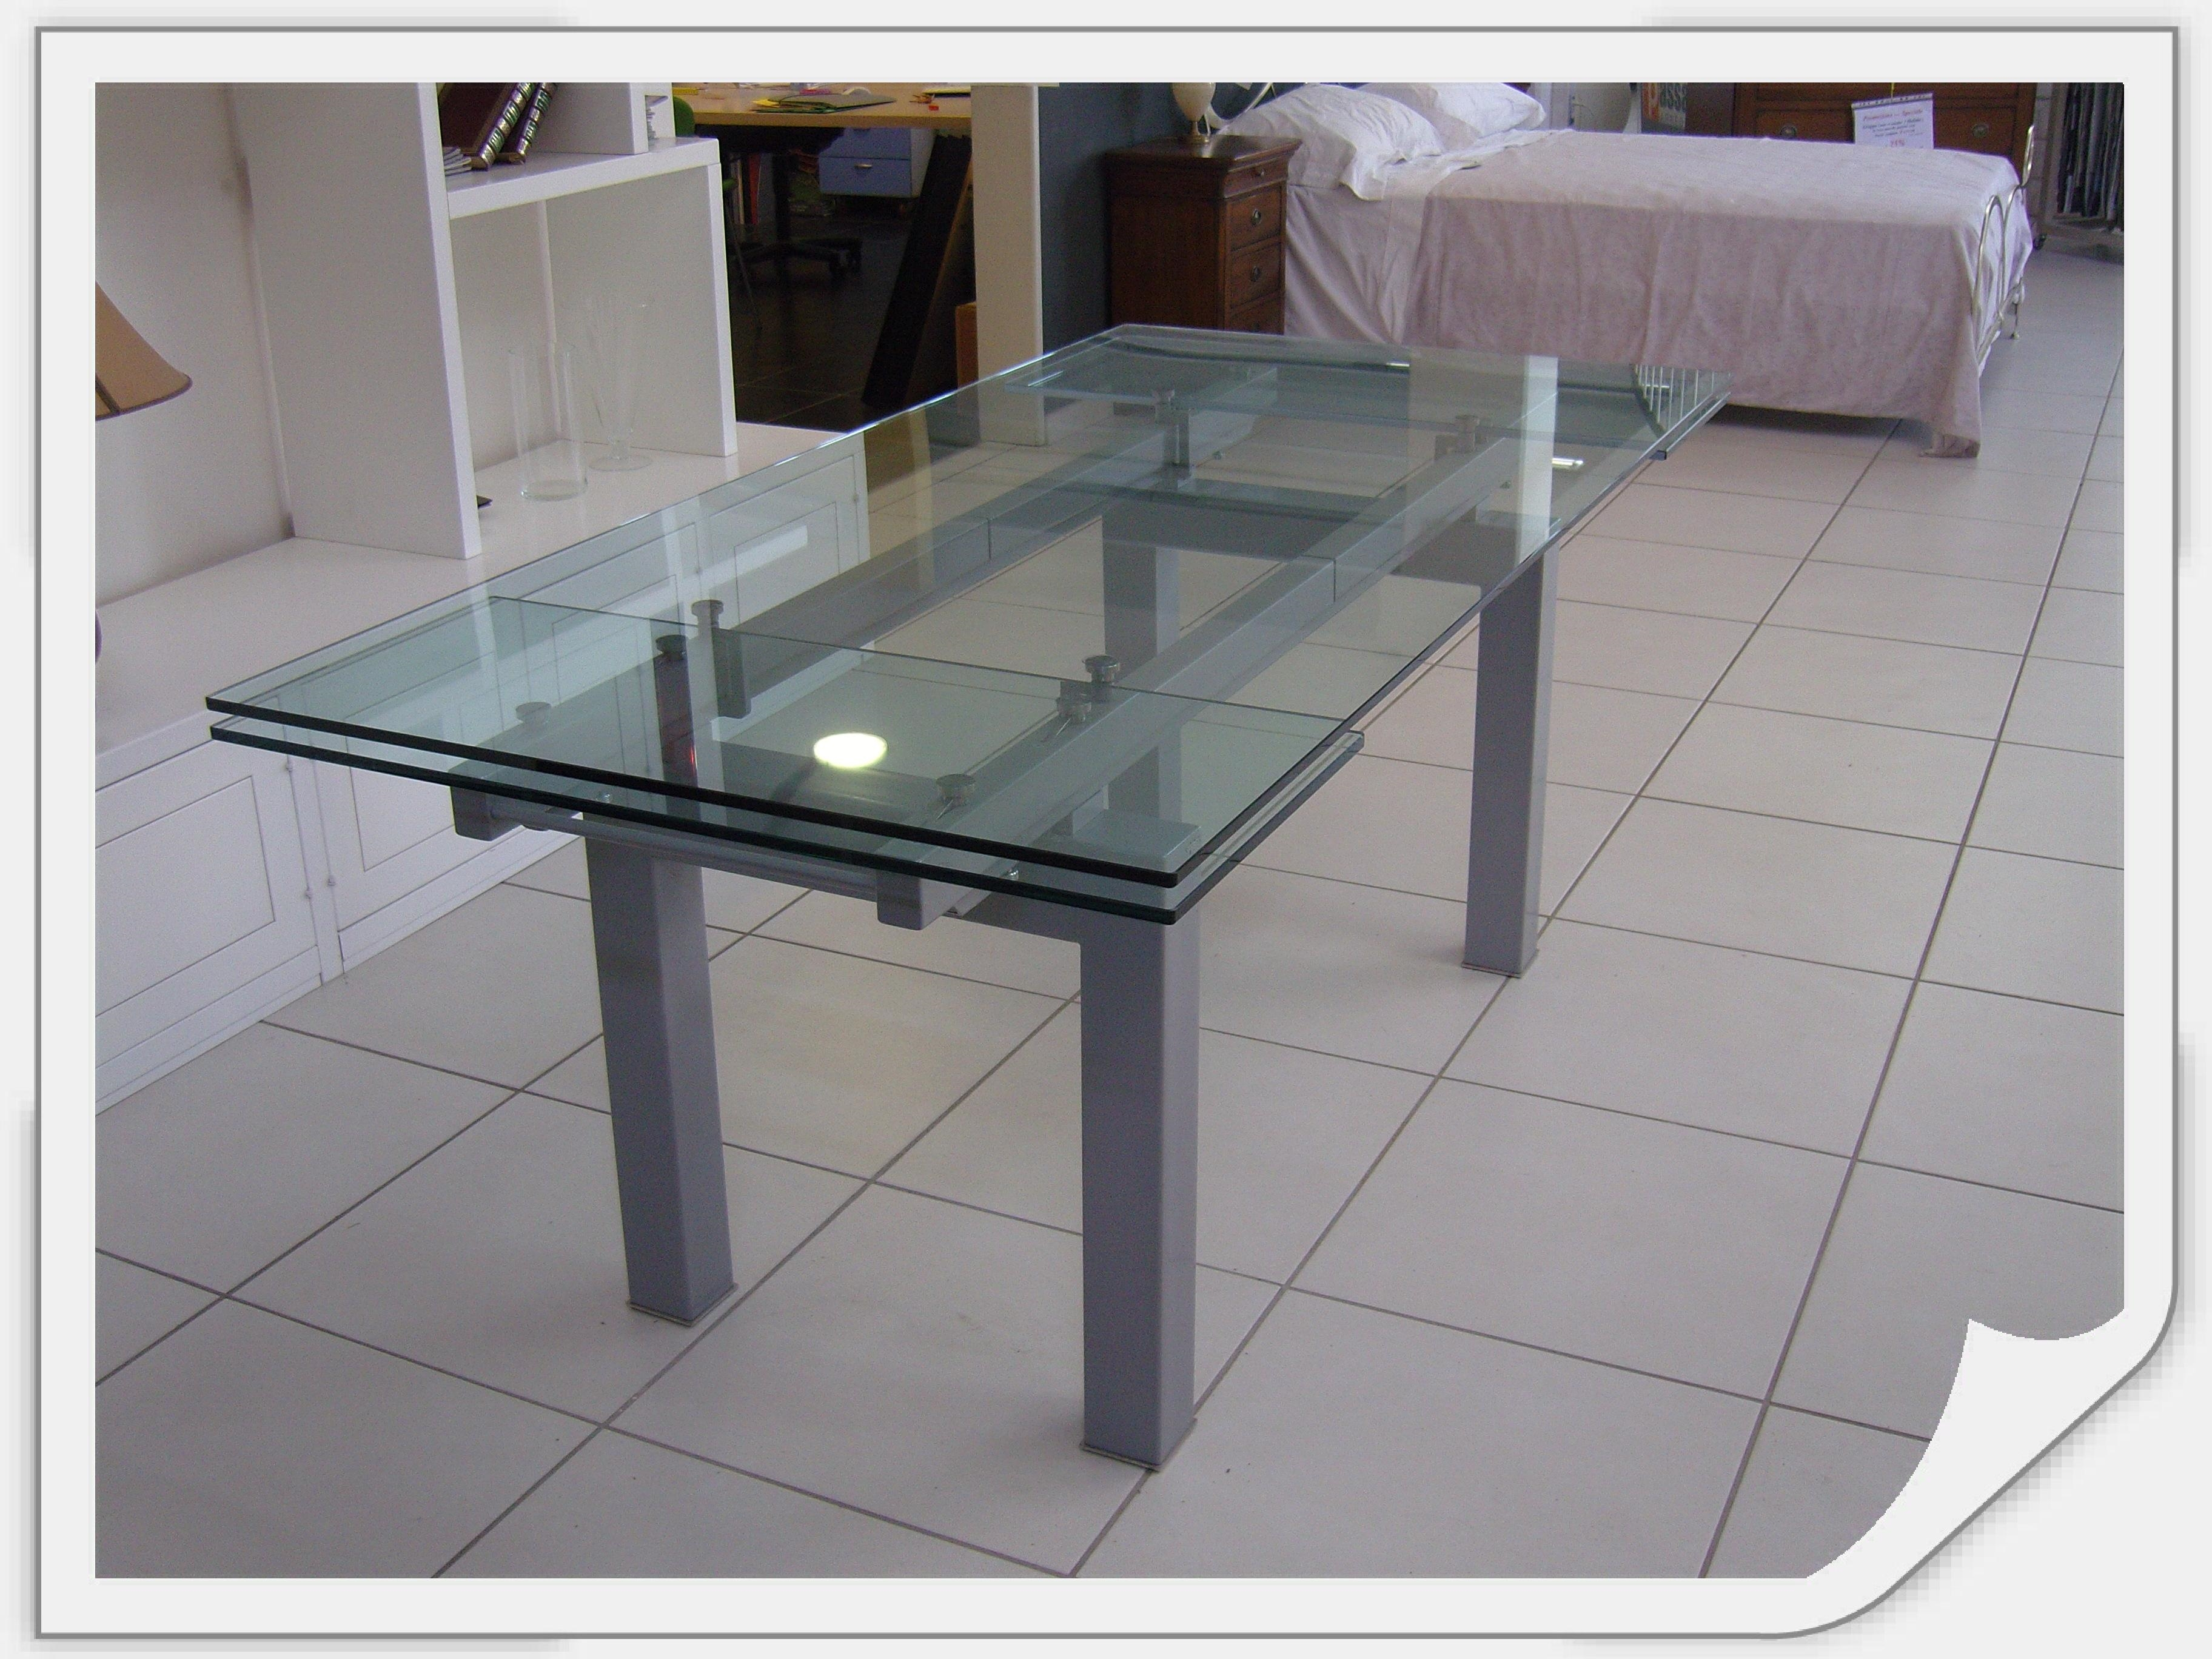 Cattelan tavolo smart tavolo vetro allungabile scontato for Tavoli soggiorno cristallo allungabili